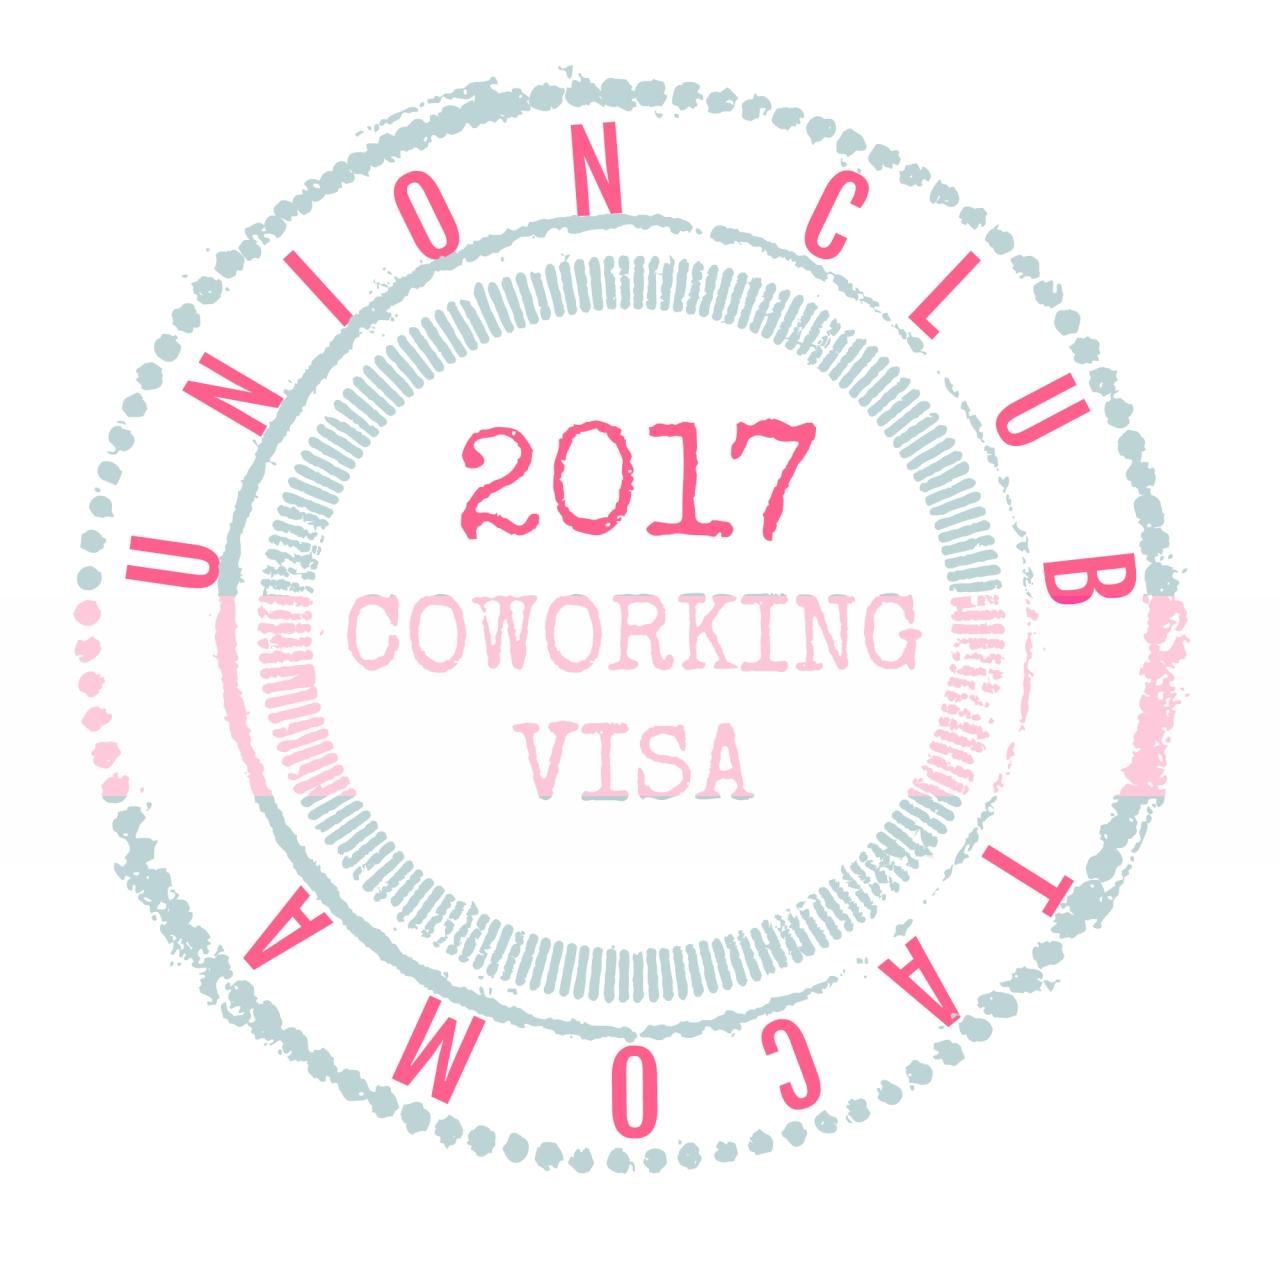 UC COWORKING VISA 2017